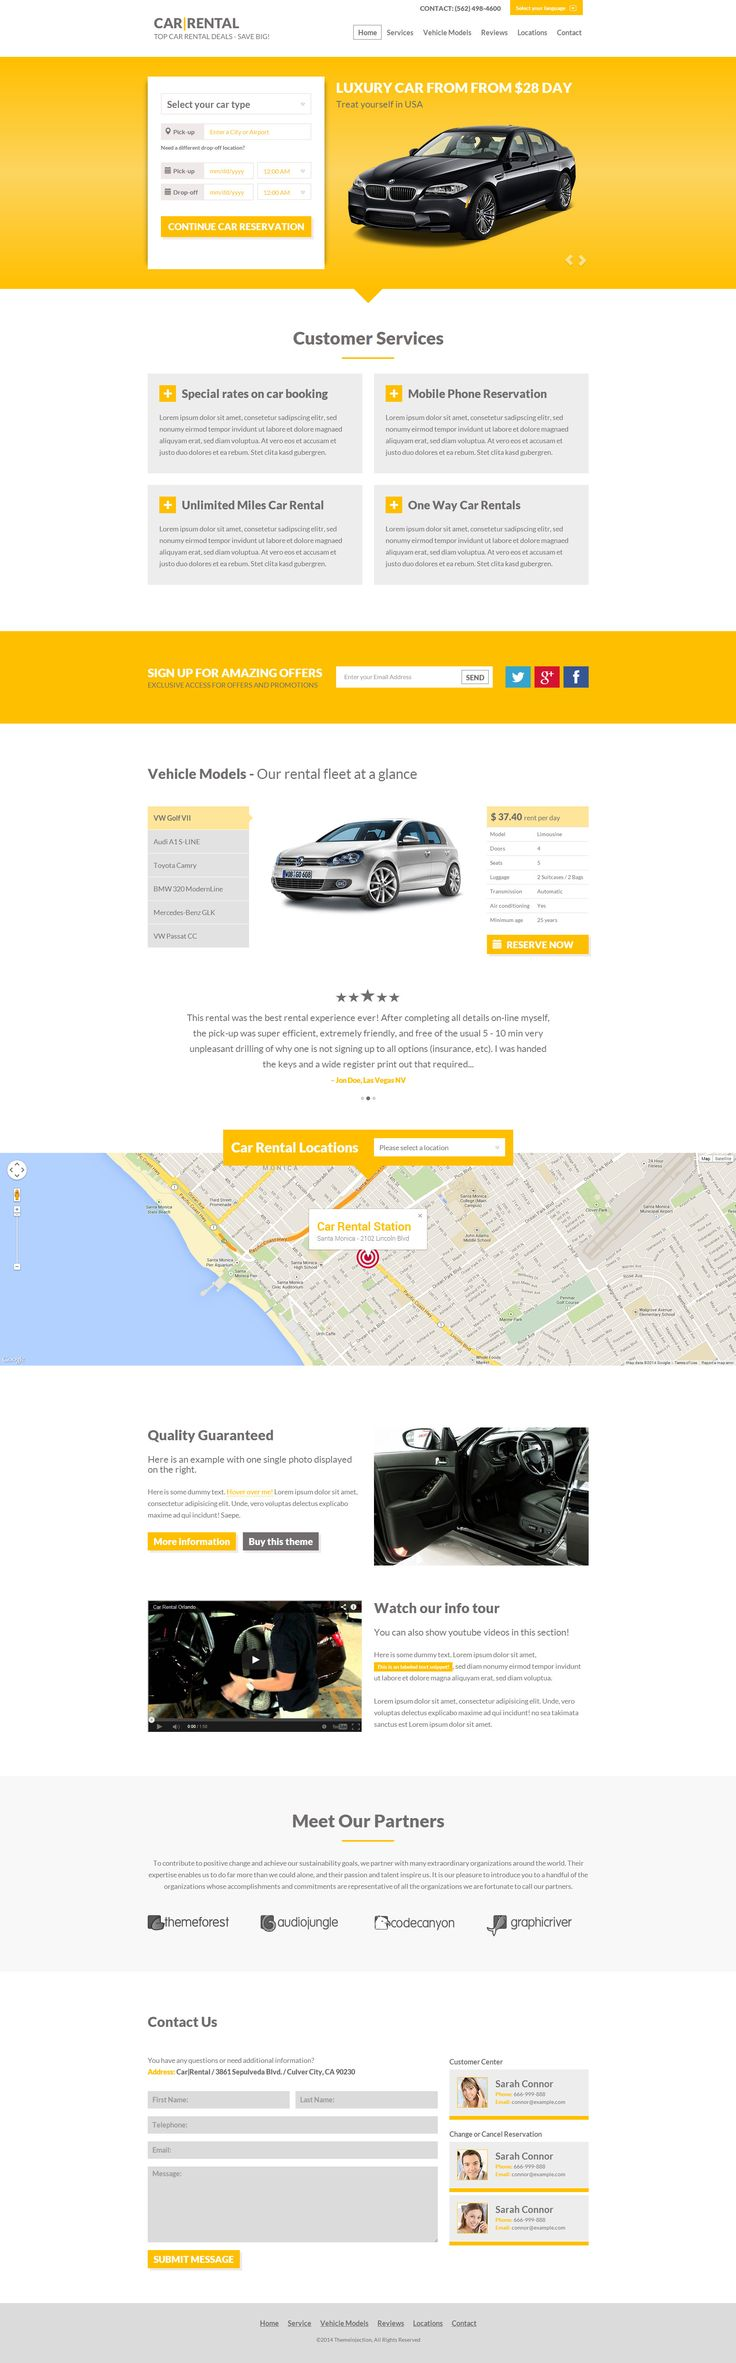 Car Rental Landing Page - Download http://themeforest.net/item/car-rental-landing-page/8245093?ref=pxcr